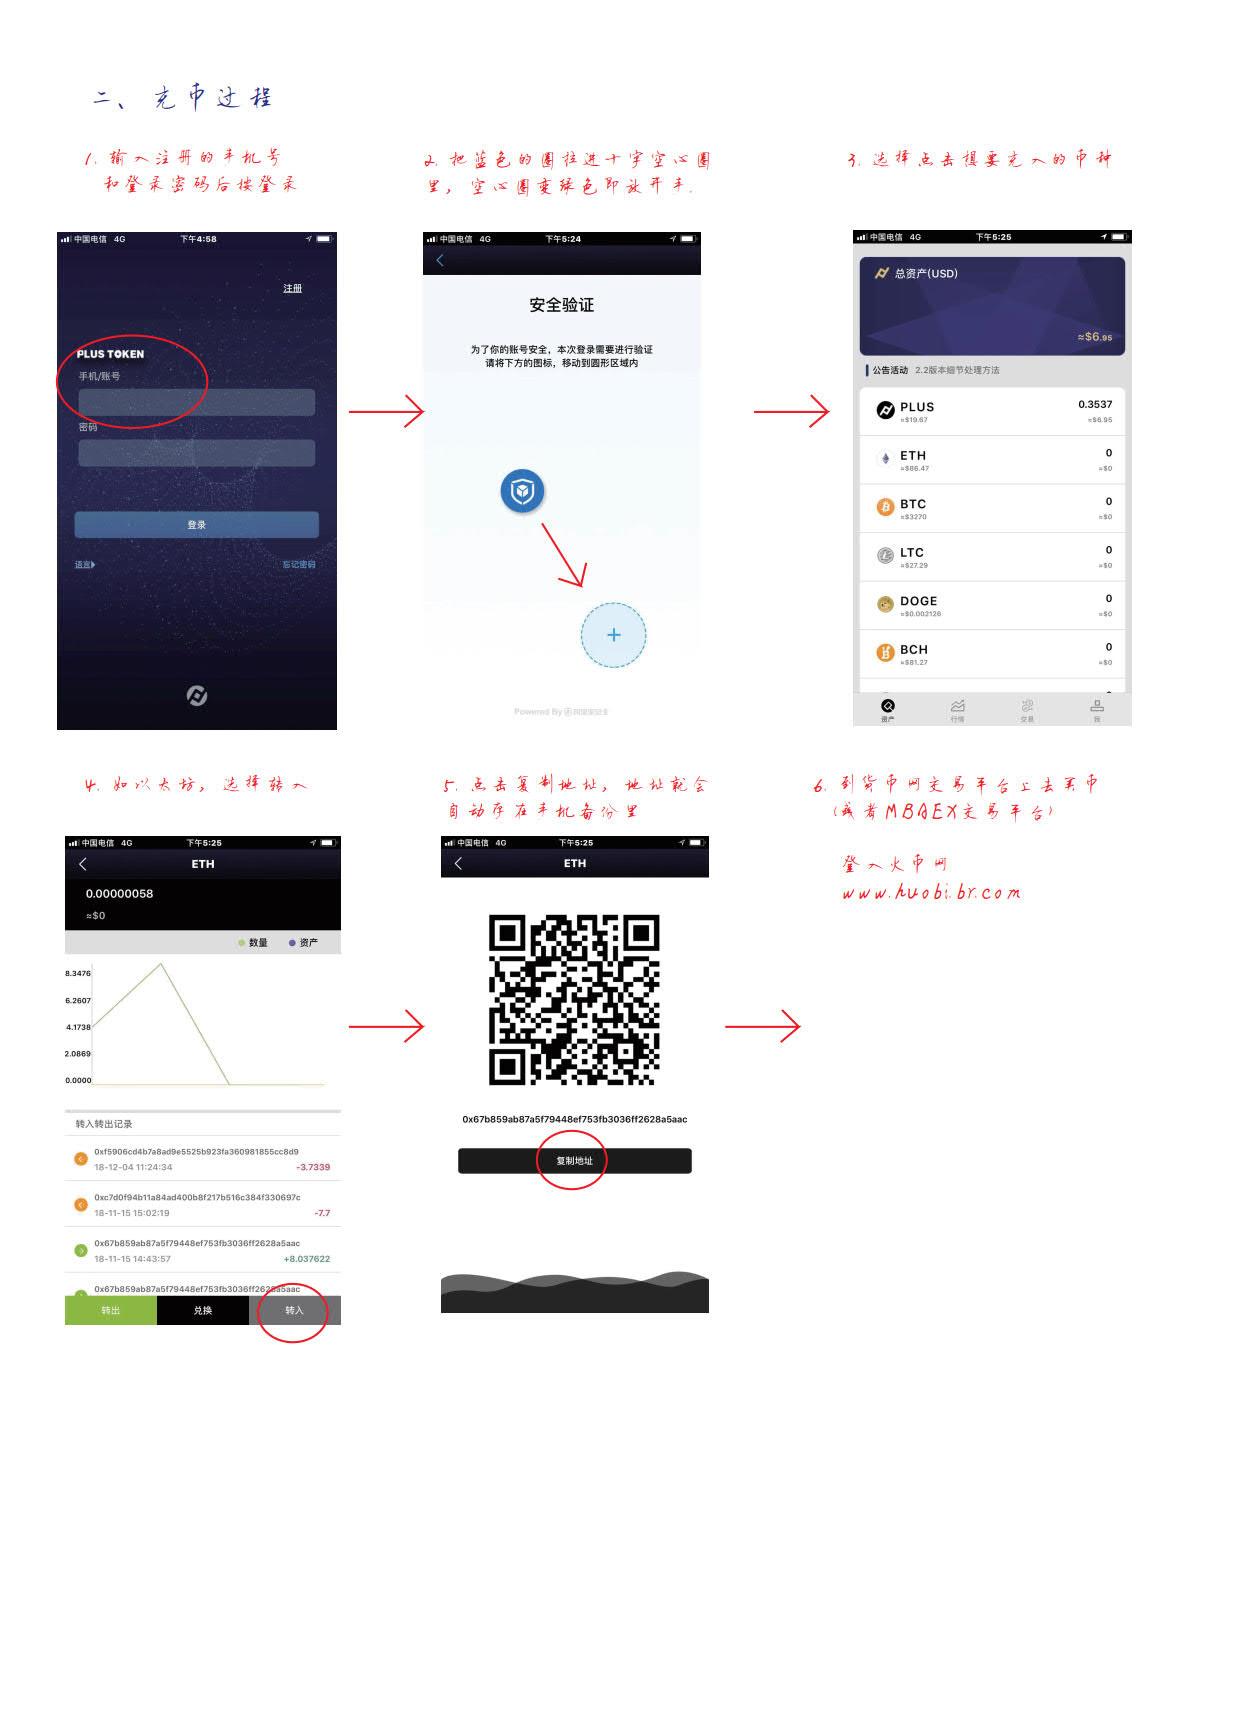 PLUS的注册-买币-卖币等流程_2.jpg